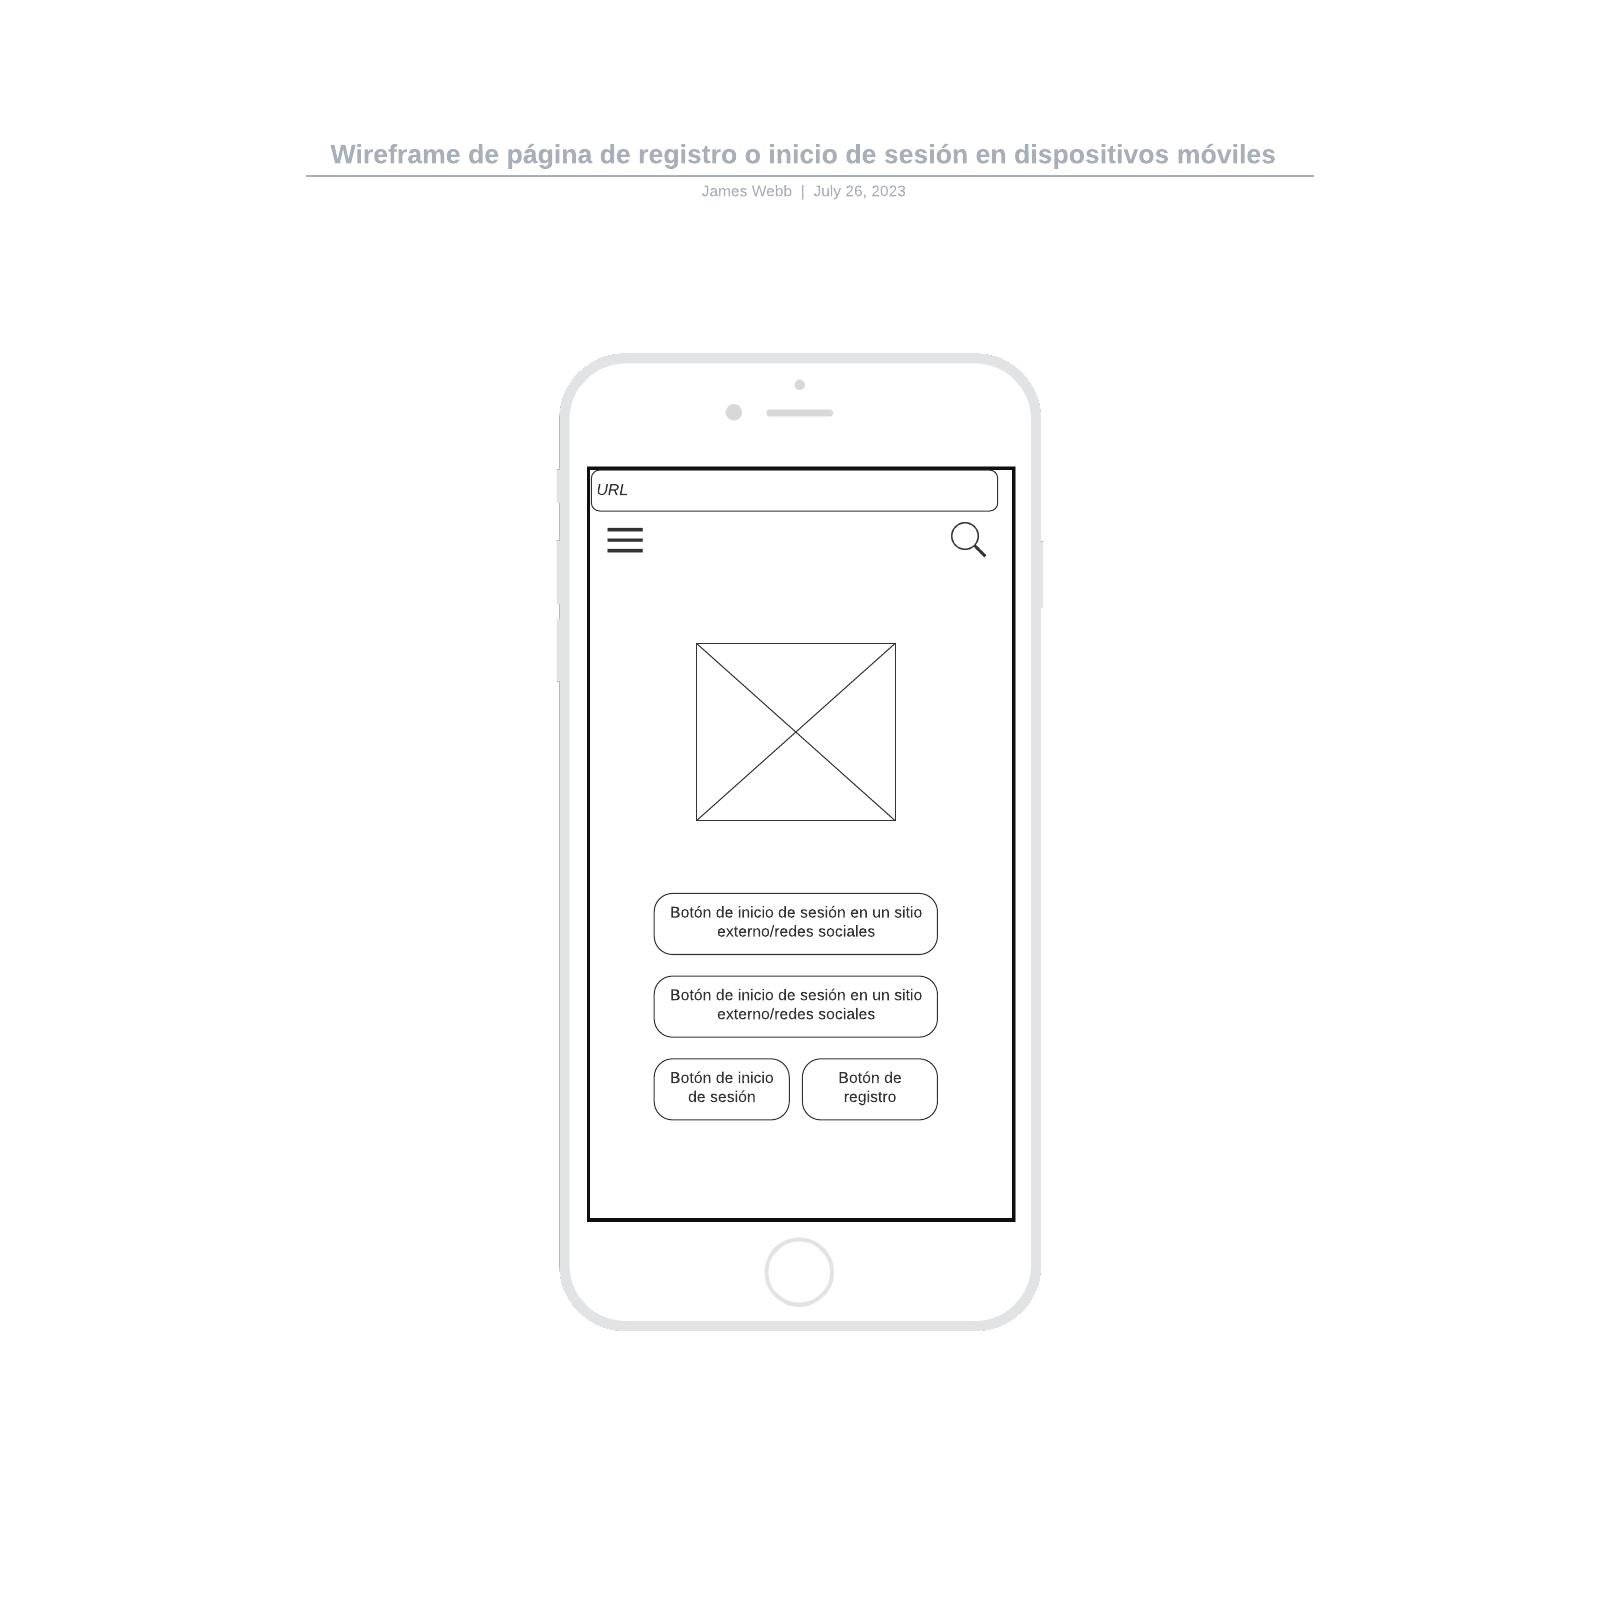 Wireframe de página de registro o inicio de sesión en dispositivos móviles